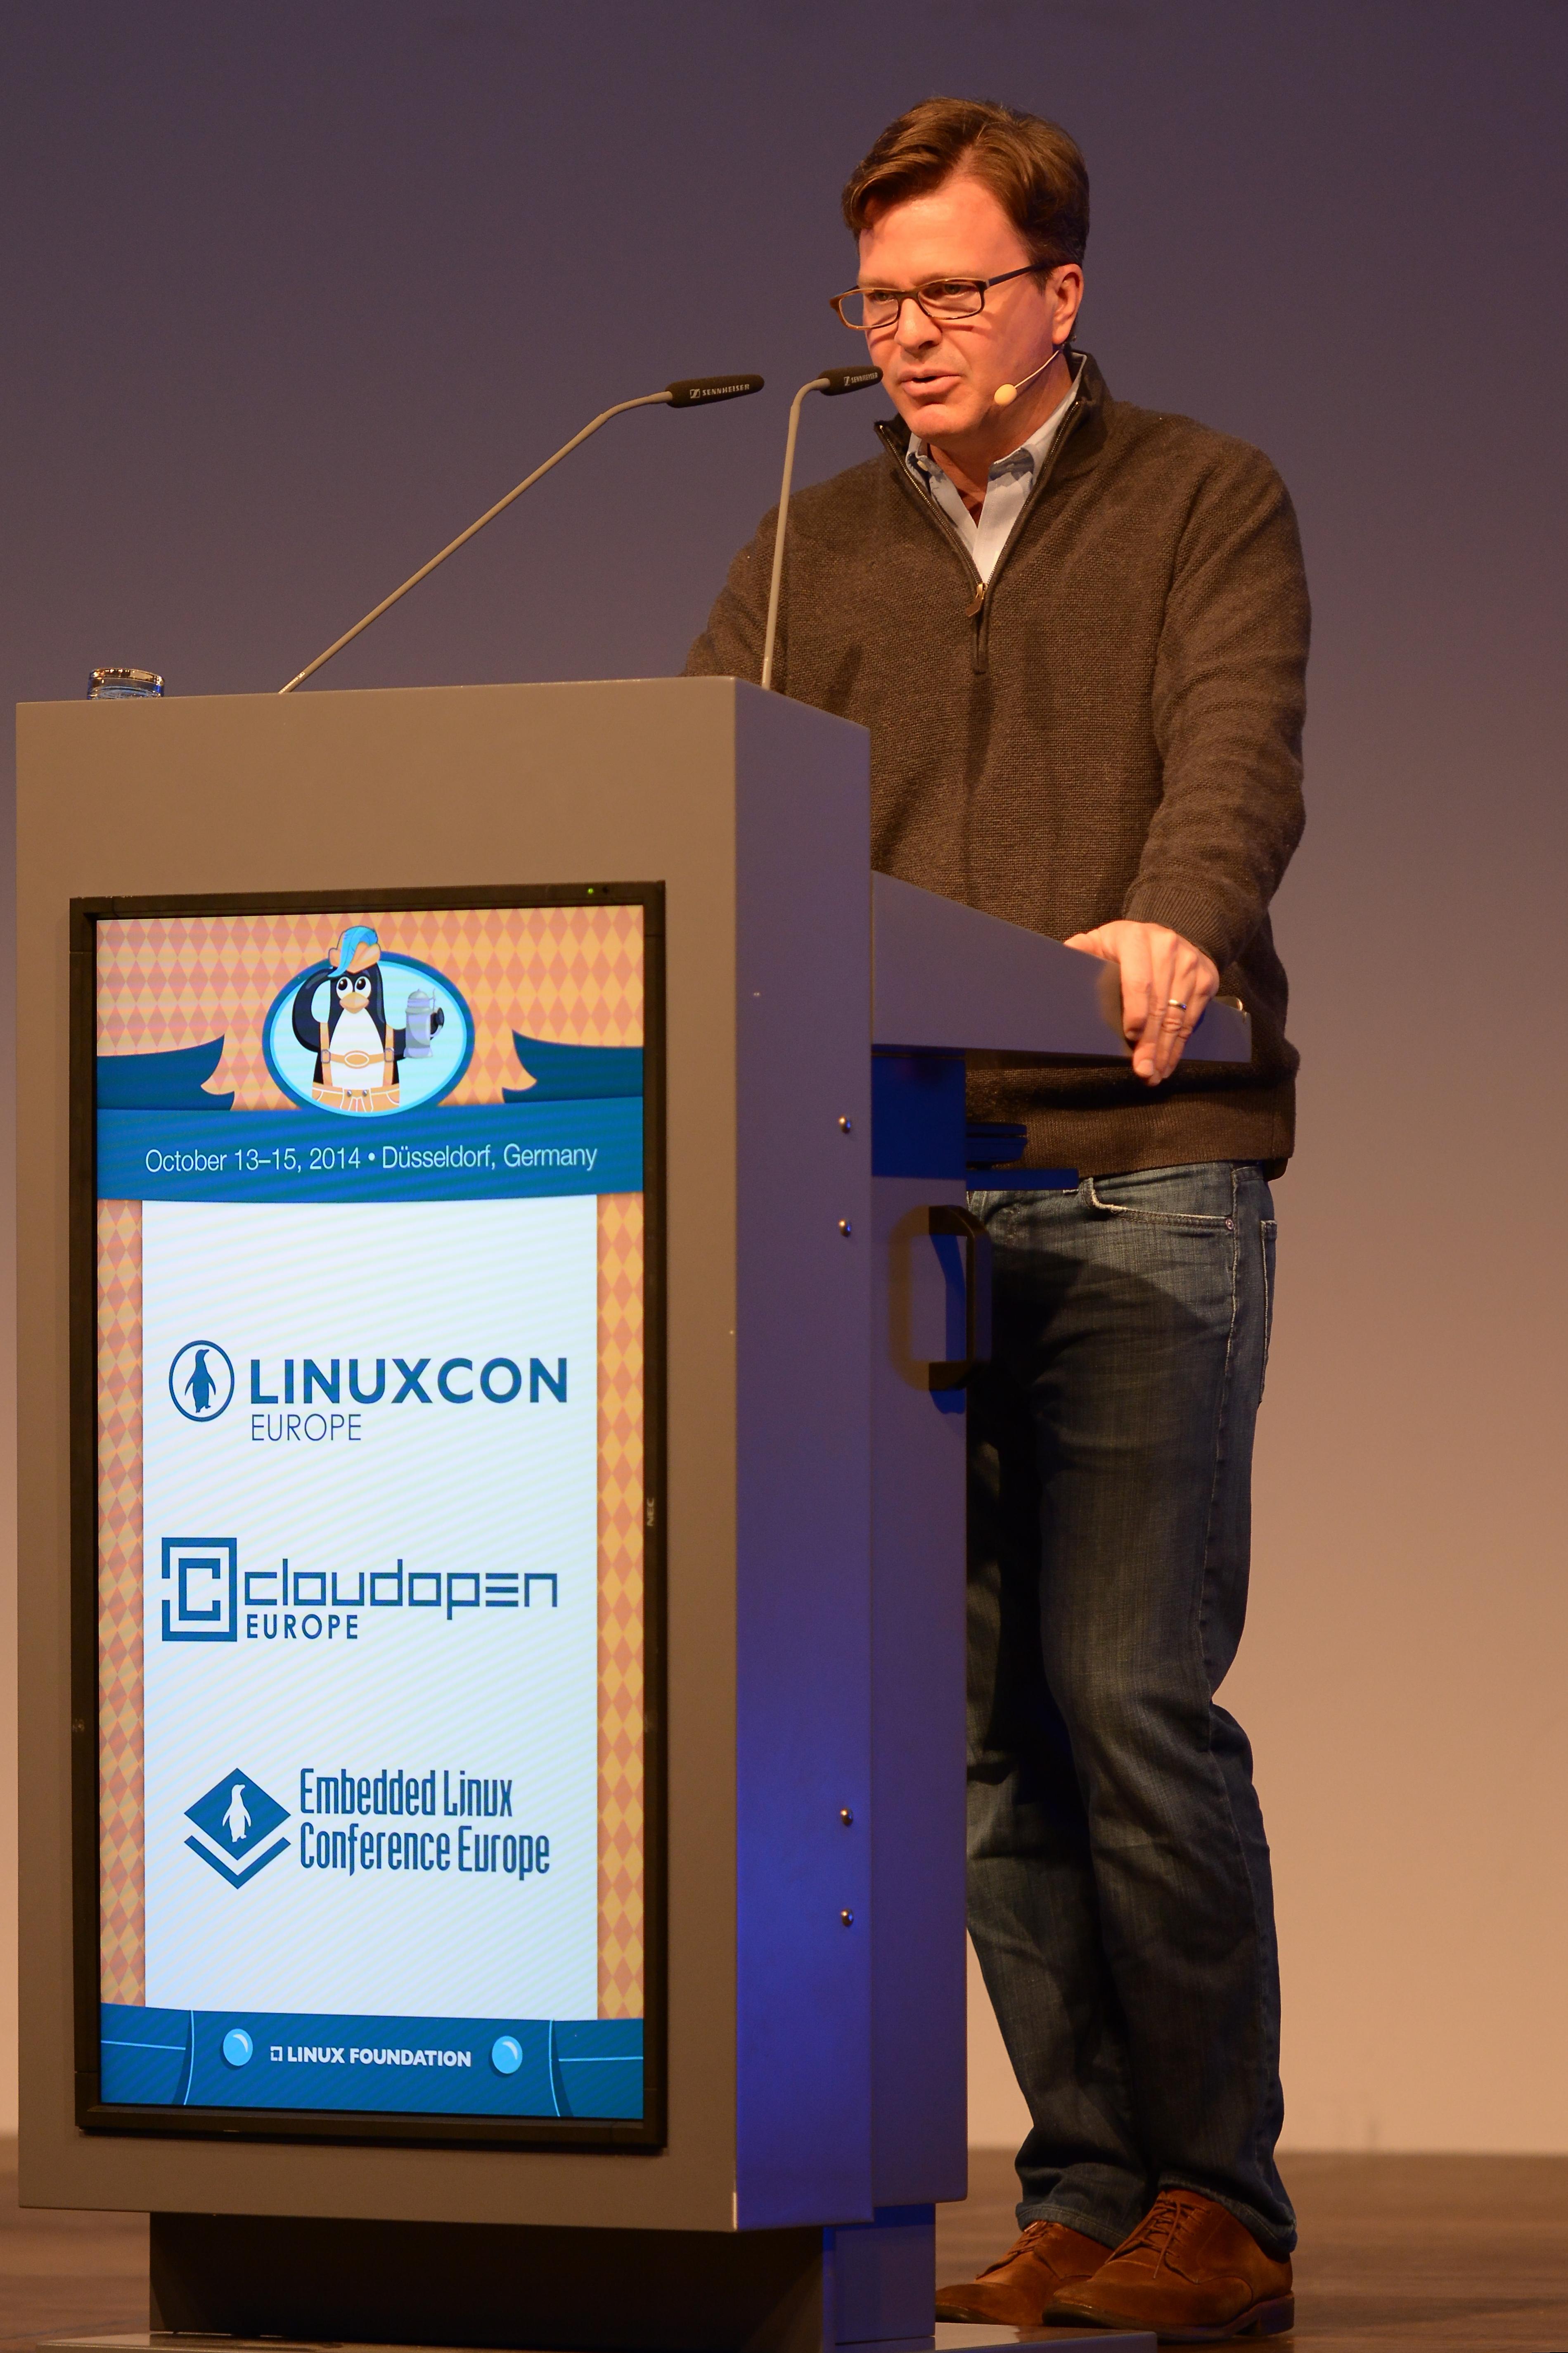 Linux Foundation Wikipedia